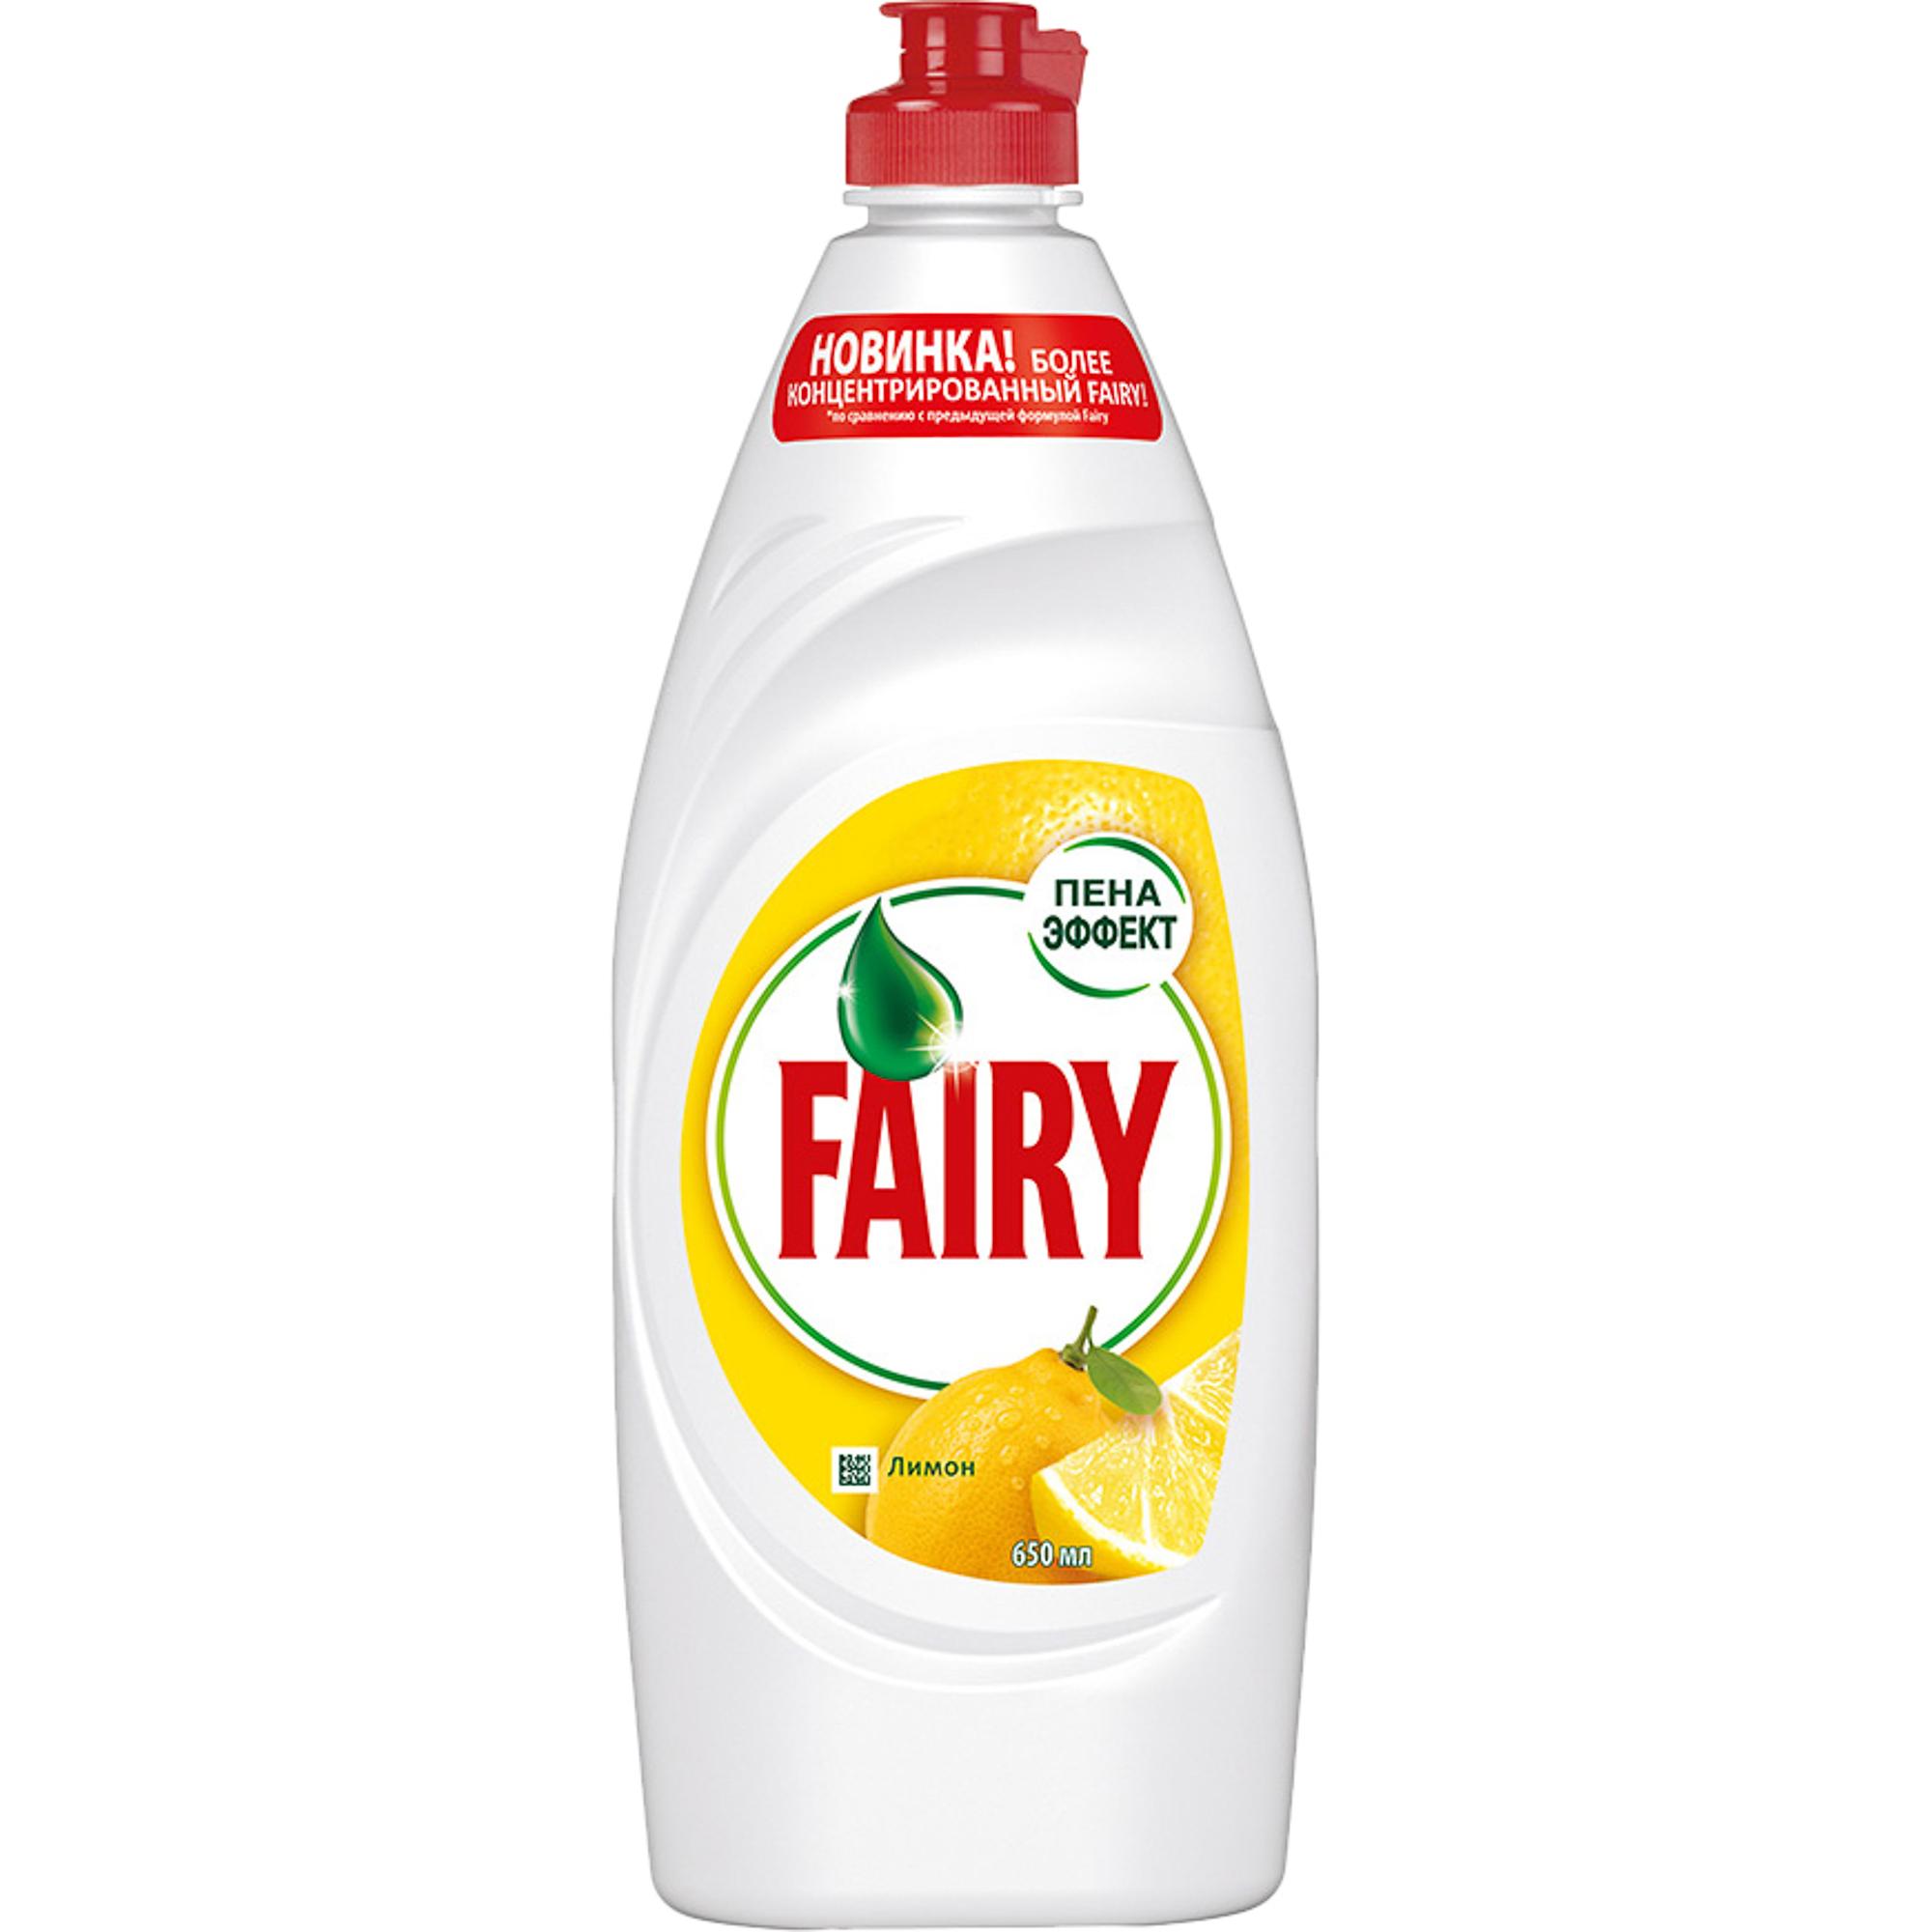 Фото - Средство для мытья посуды Fairy Сочный лимон 650 мл средство для мытья посуды fairy сочный лимон 900мл